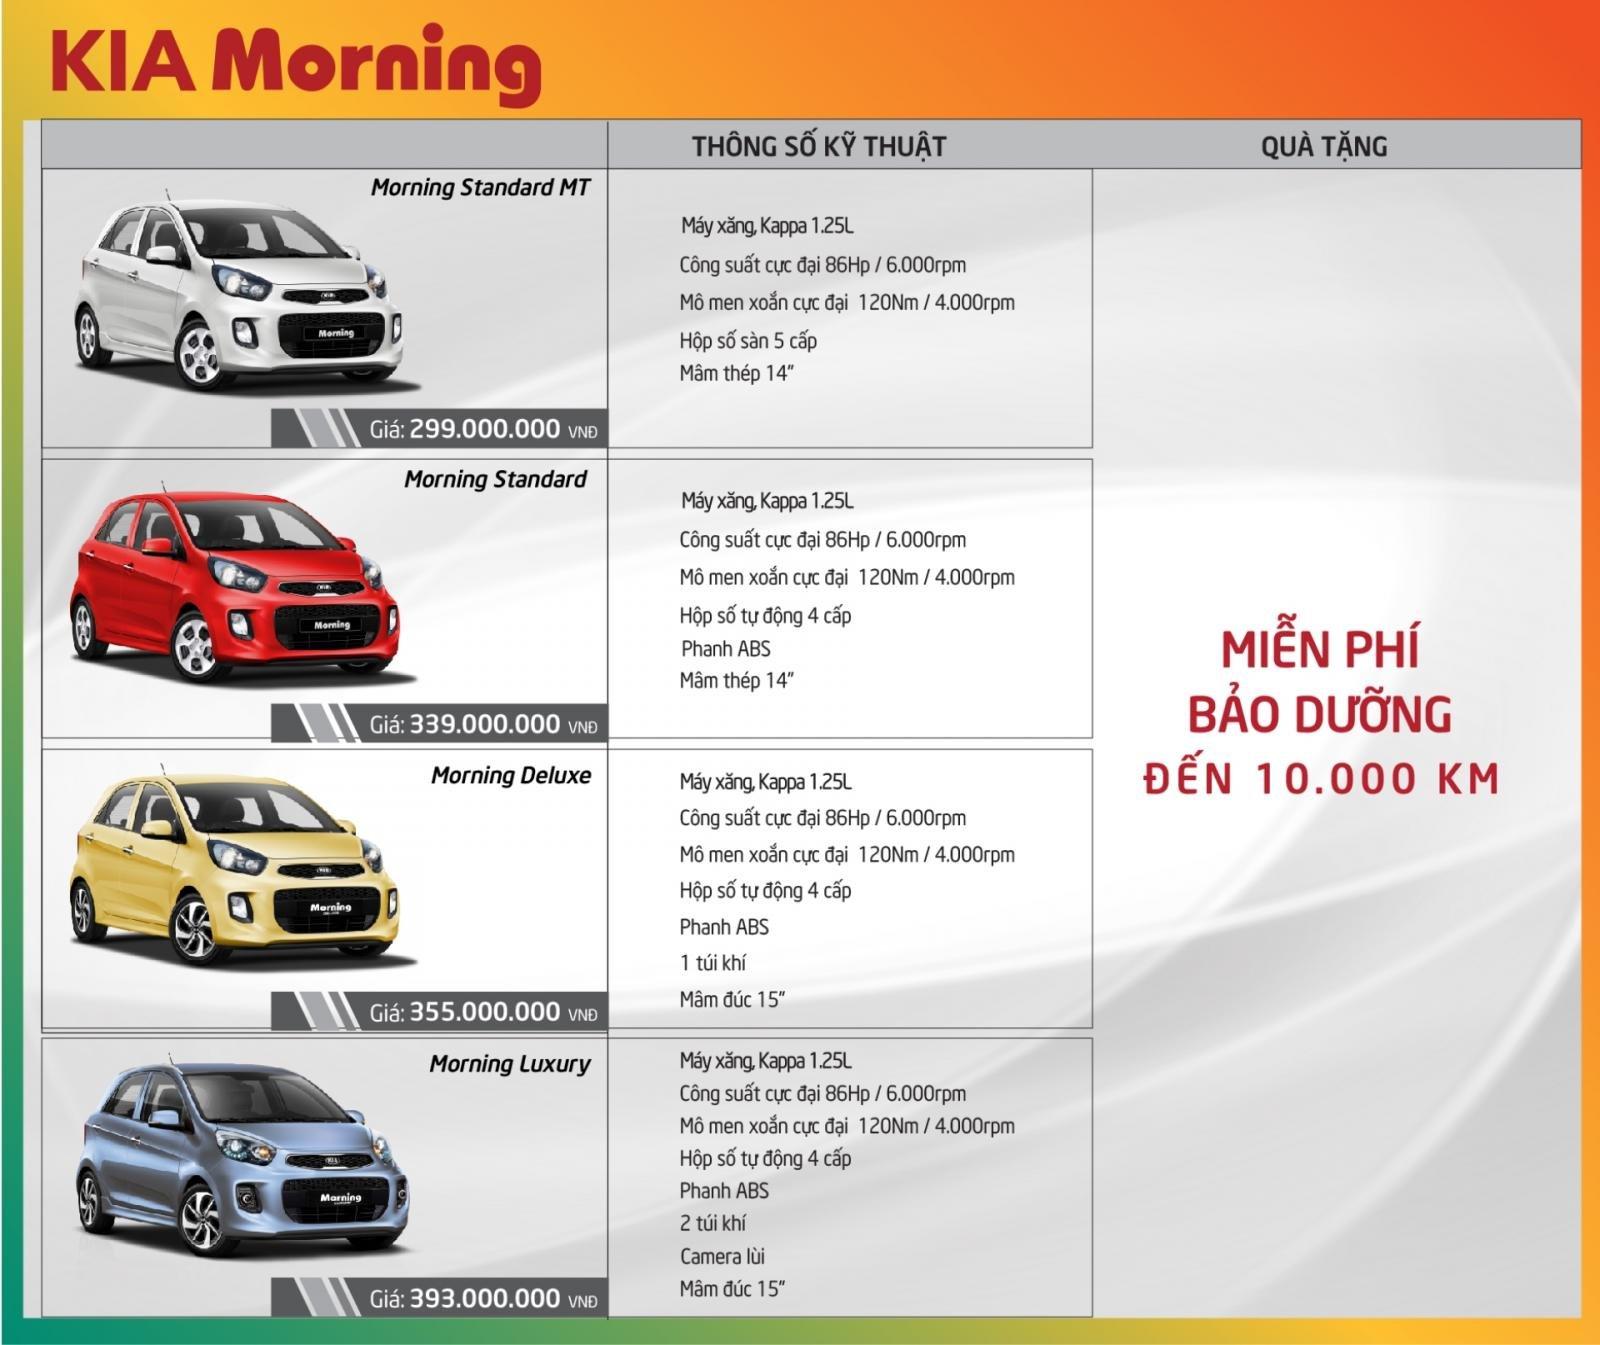 Phiên bản Kia Morning số tự động mới giá 339 triệu đồng ra mắt - Ảnh 1.